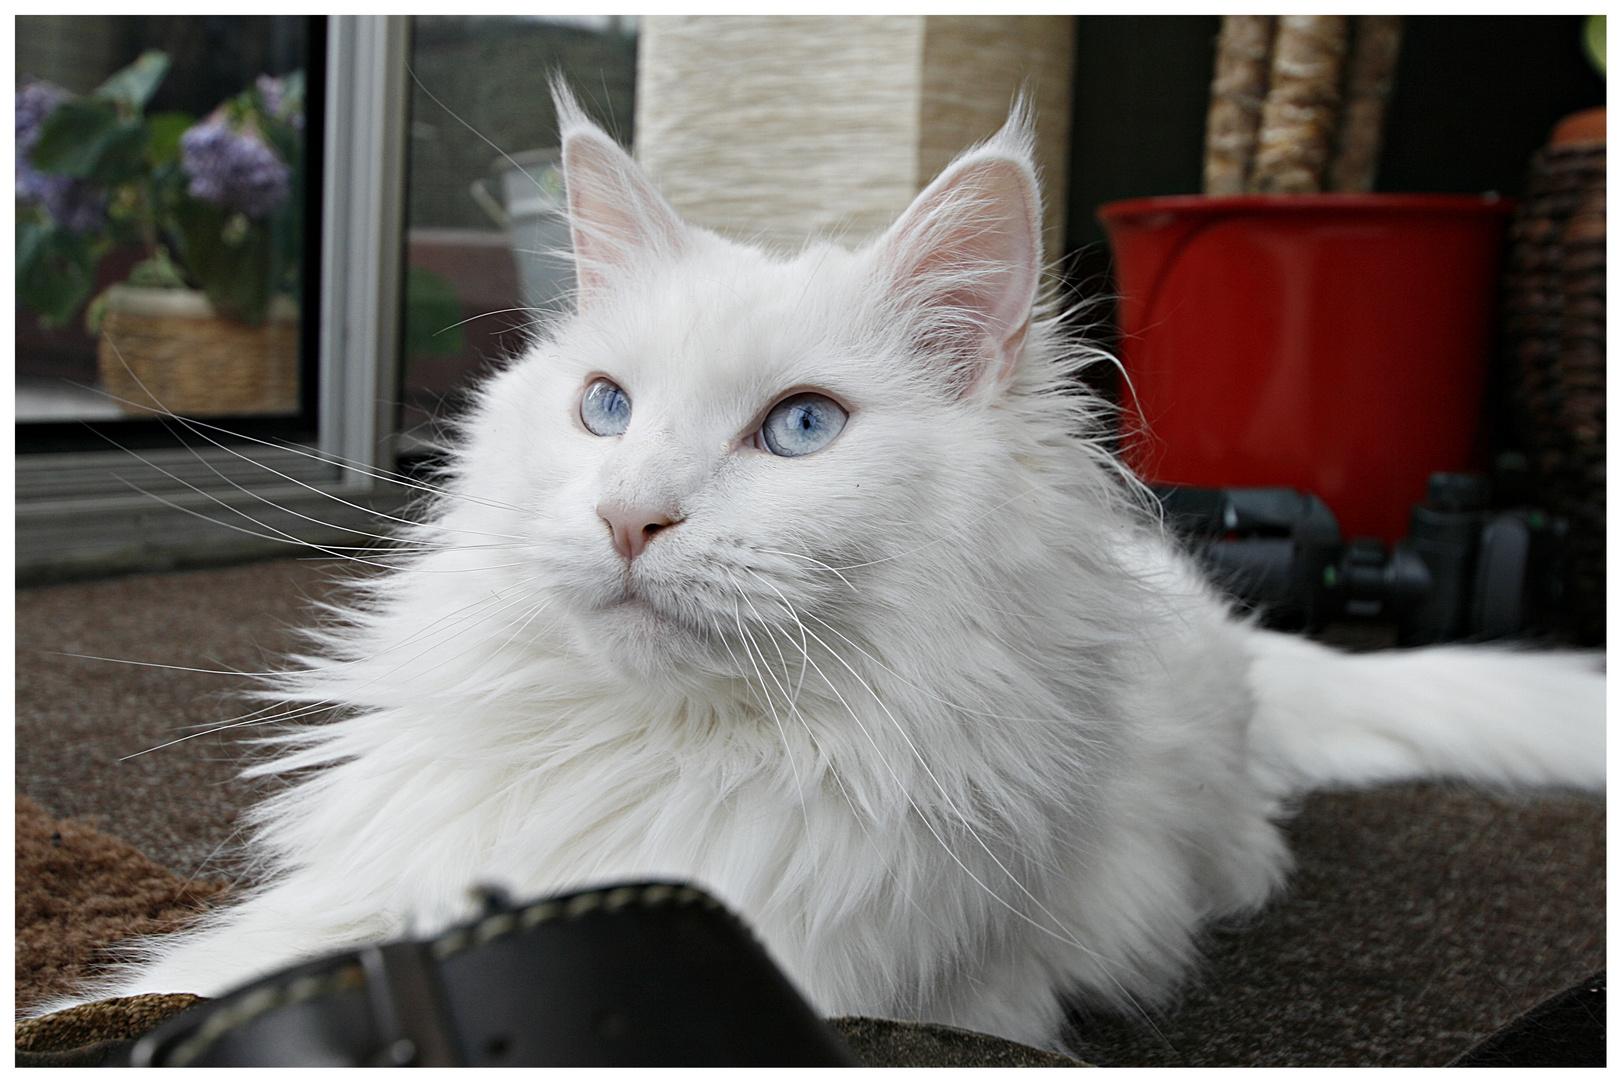 Die Katze von Welt ruht sich auch gern auf alten Latschen aus :-)))